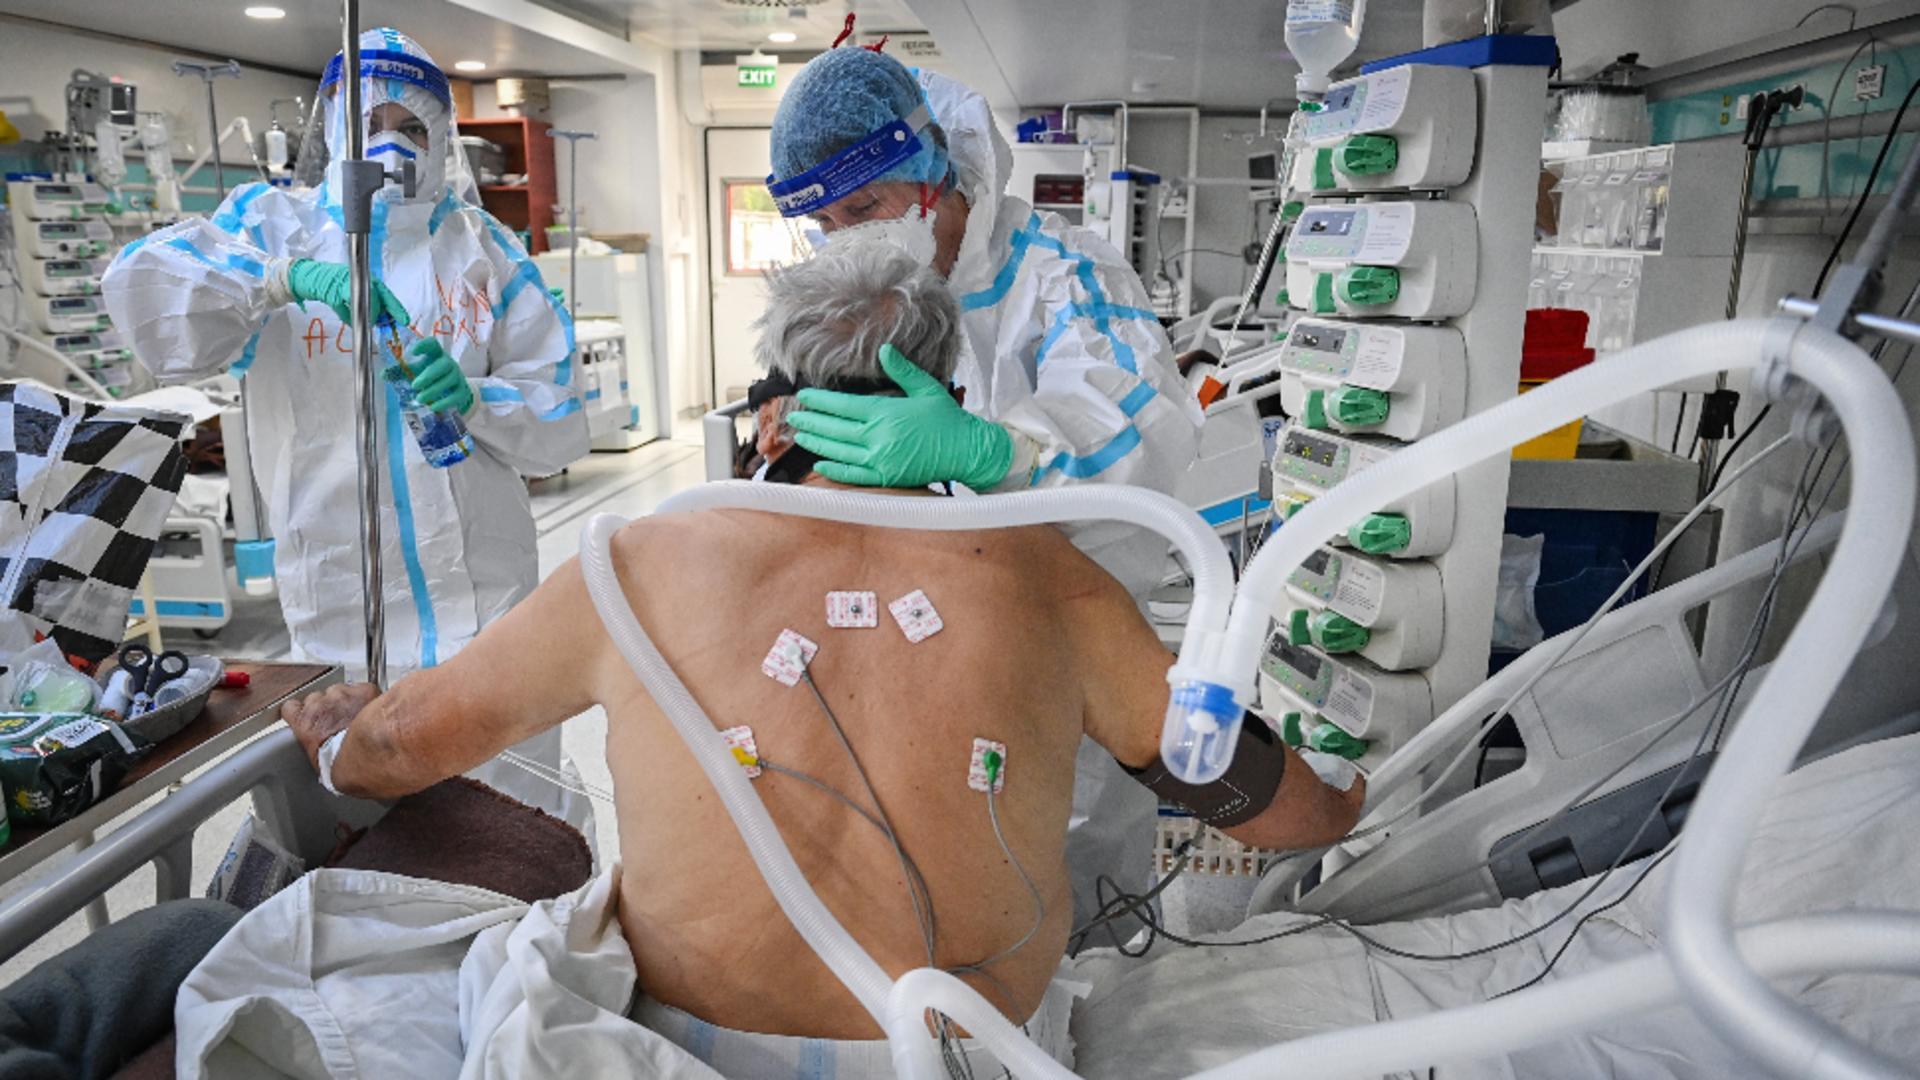 Mulți bolnavi Covid sună la Salvare în ultima clipă. Foto/Profimedia